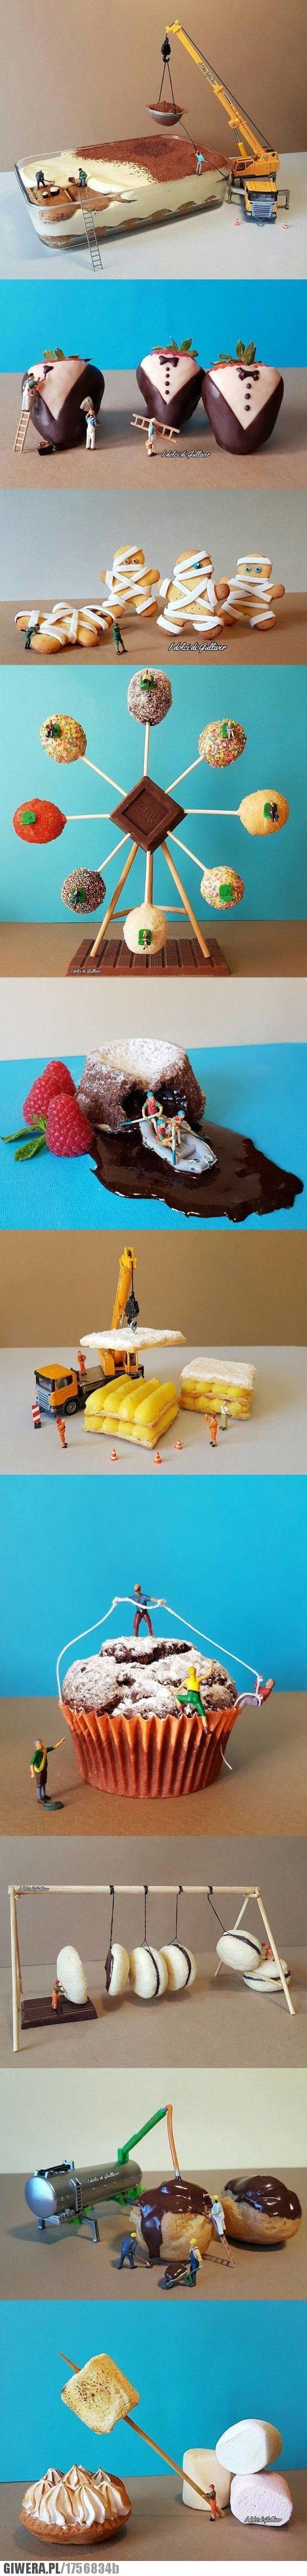 Wspaniały świat deserów